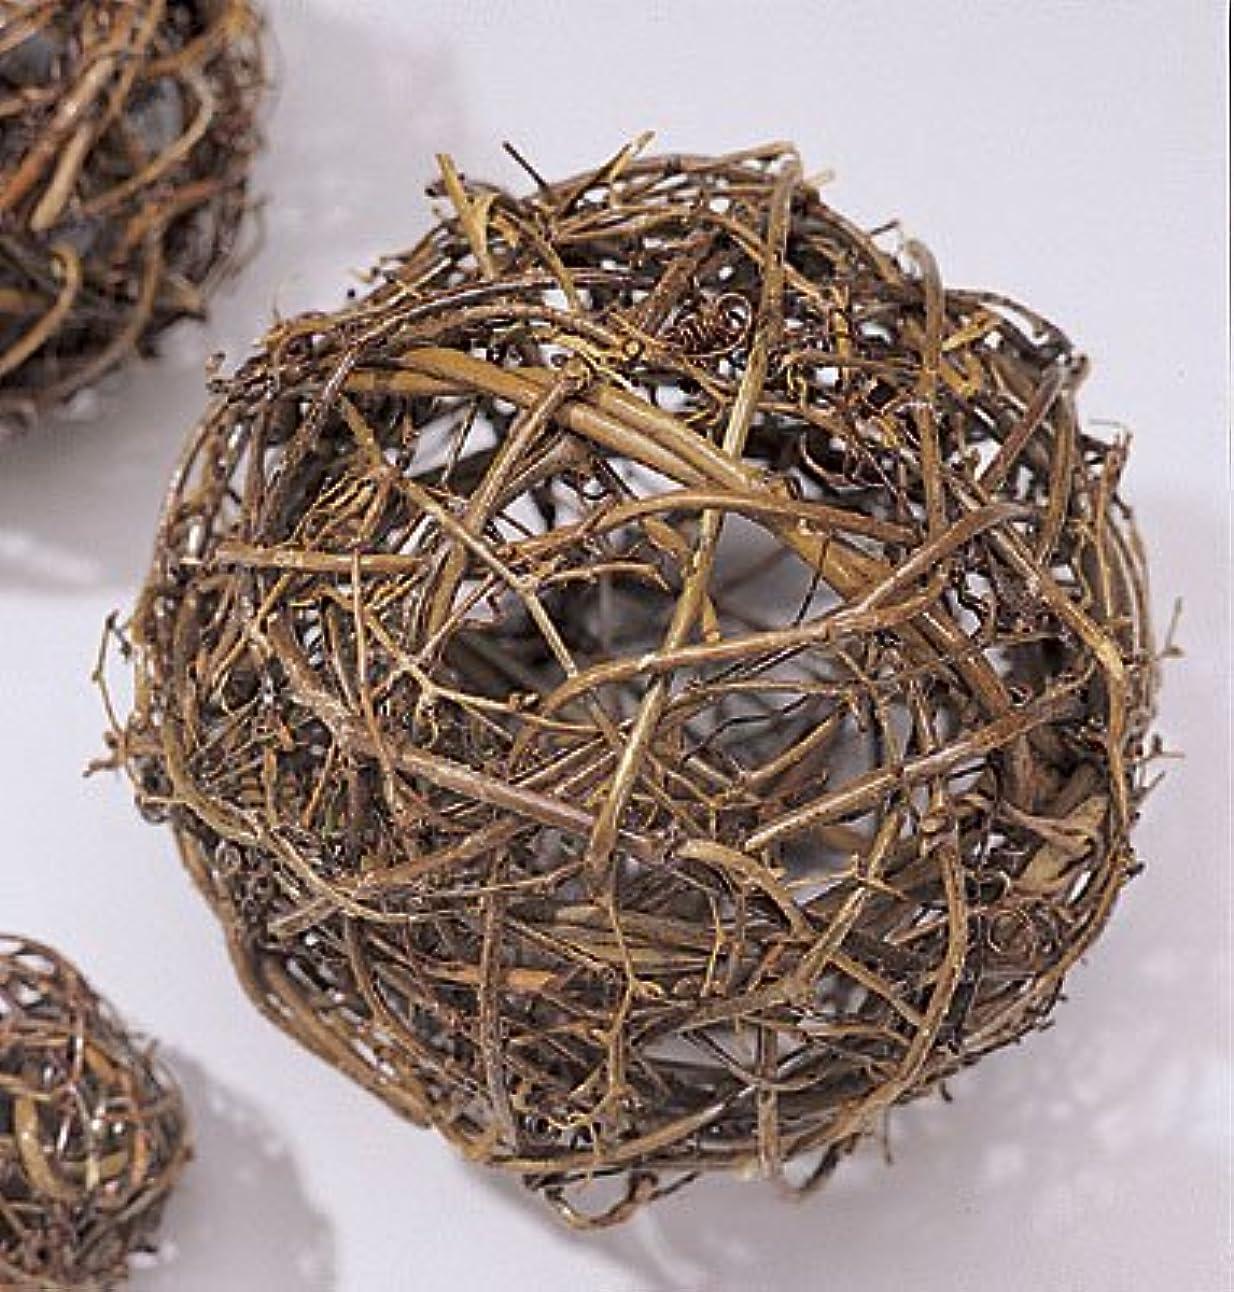 かける基礎理論複数自然Grapevineトピアリーボール6、8、10、12、16、18、24、30、36インチサイズワイヤフレーム Single 30 inch ball